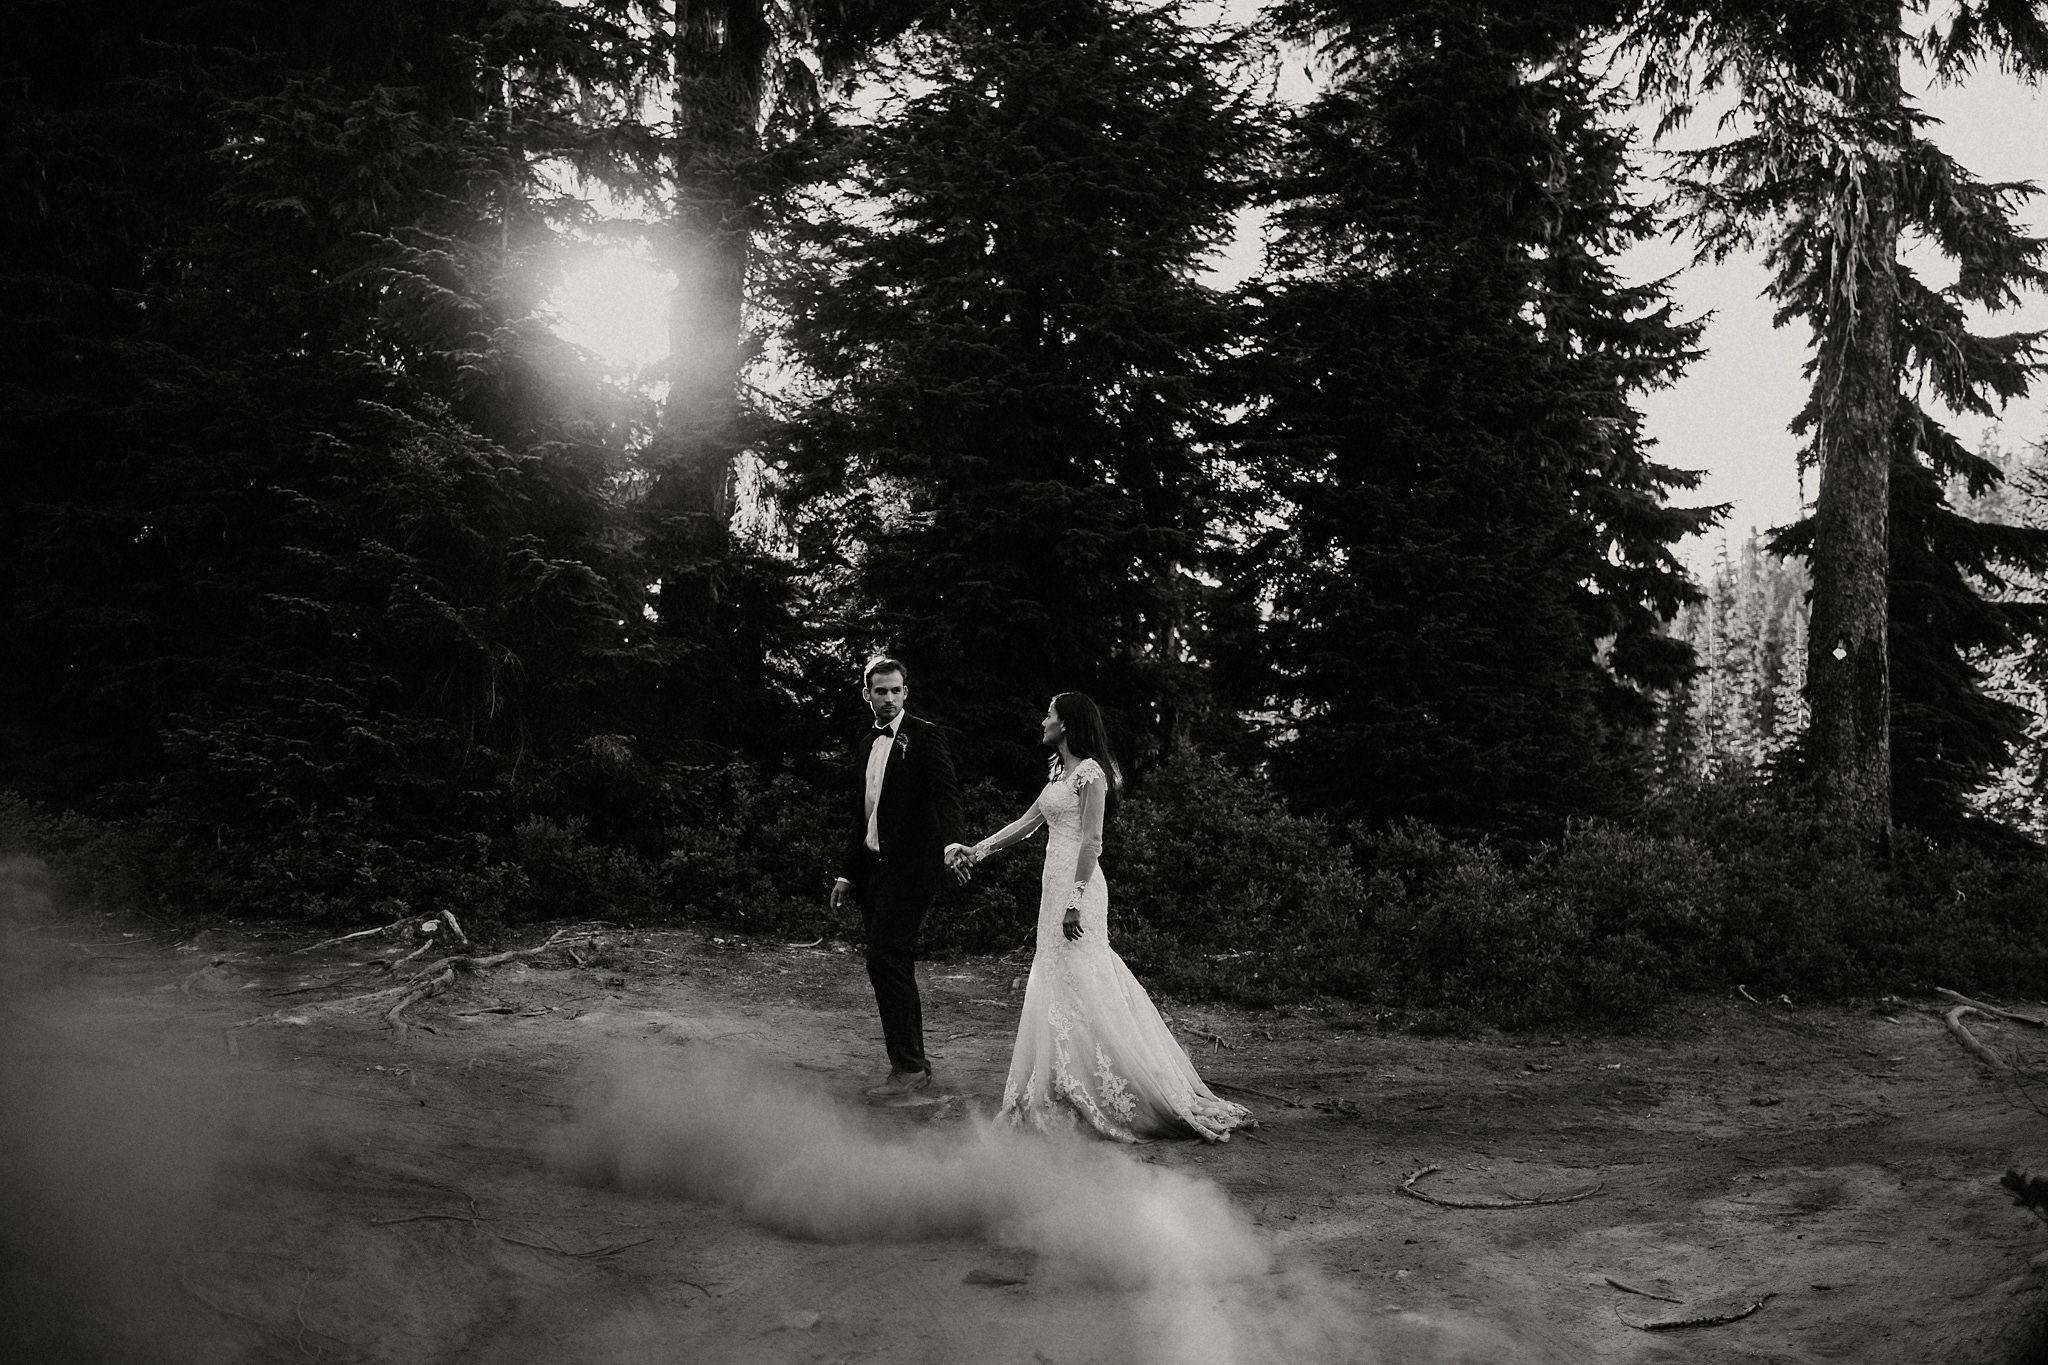 mindy-michael-cascade-mountains-elopement-wedding-52.jpg